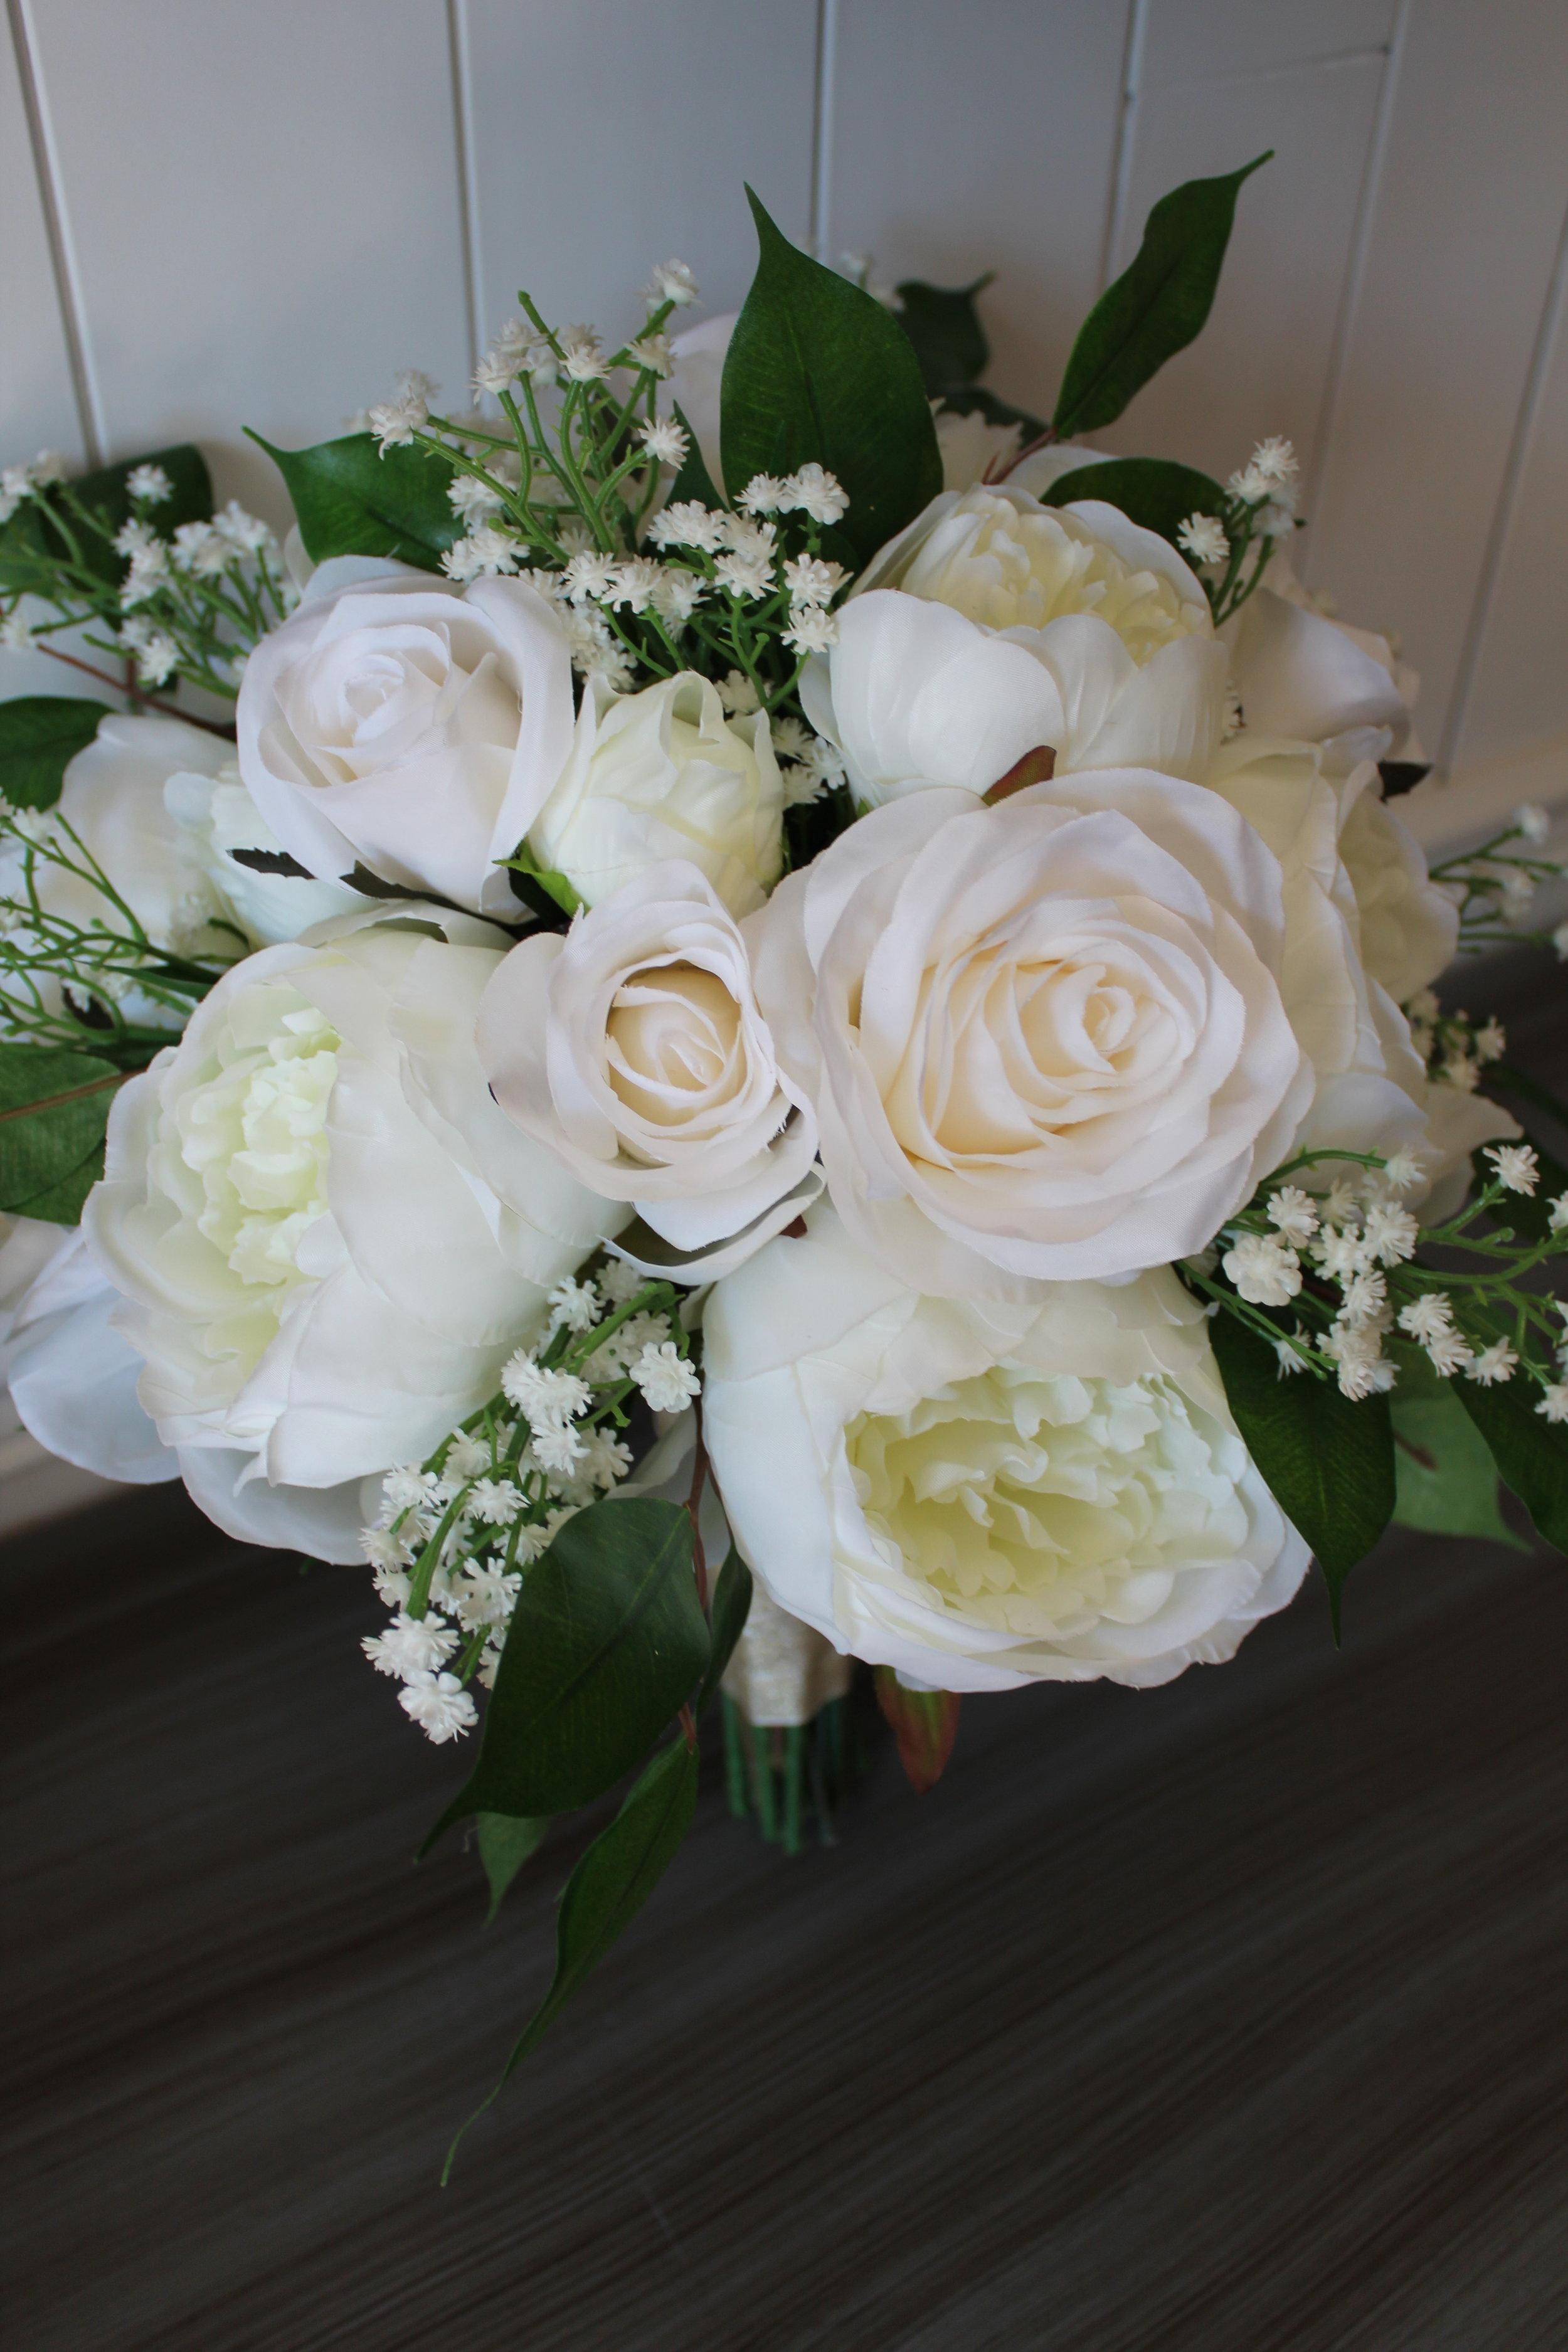 Silk-wedding-flower-bouquets-ivory-white.jpg